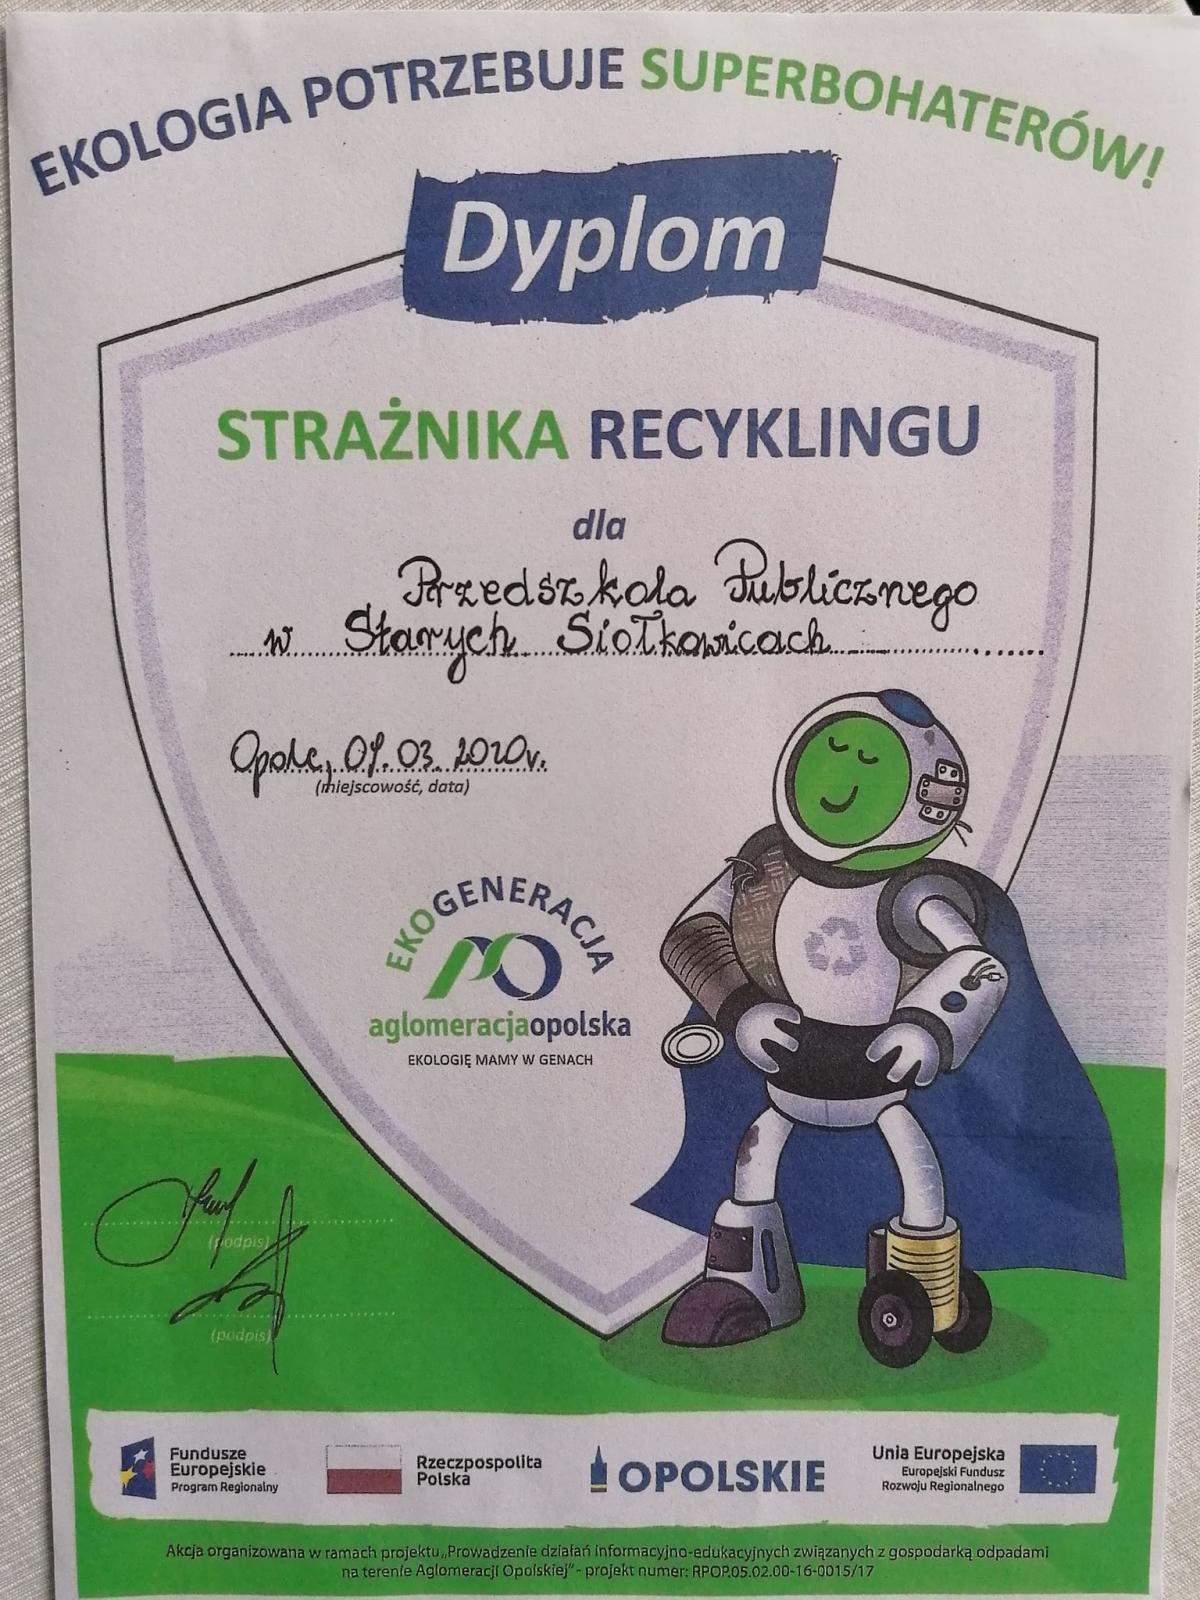 Strażnicy Recyklingu